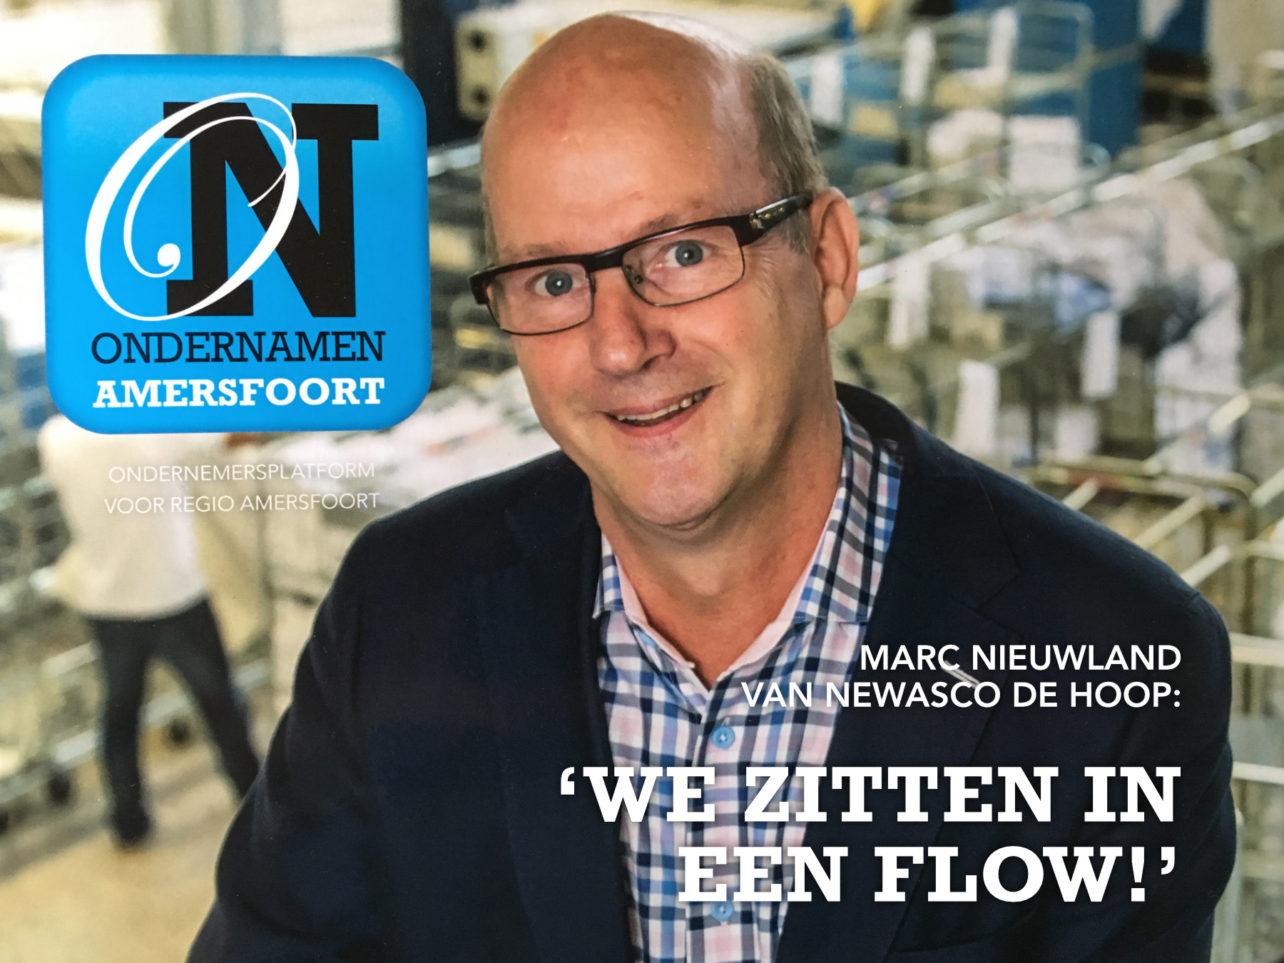 Marc Nieuwland op de voorpagina van Ondernamen